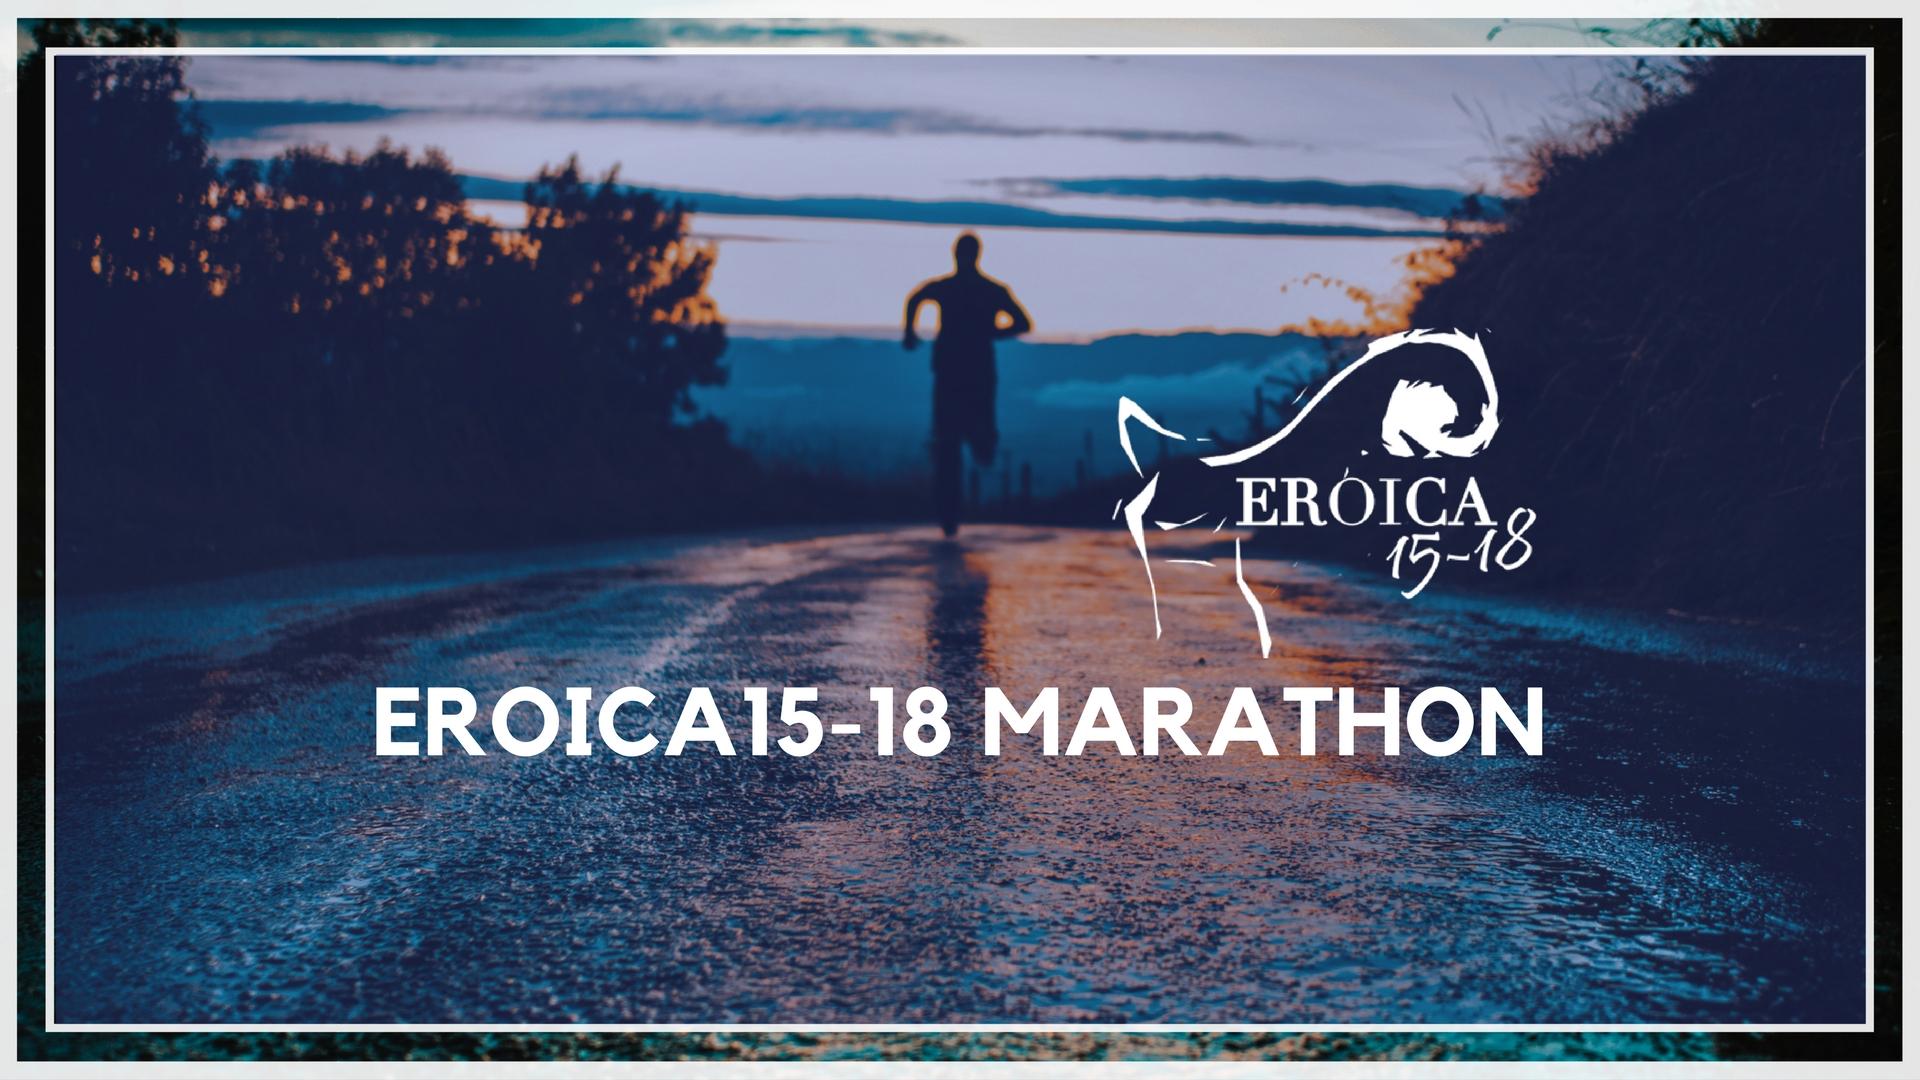 correre-la-maratona-con-il-corpo-e-con-la-mente_eroica15-18_marathon_vittorio-veneto_blog_18-marzo-2018